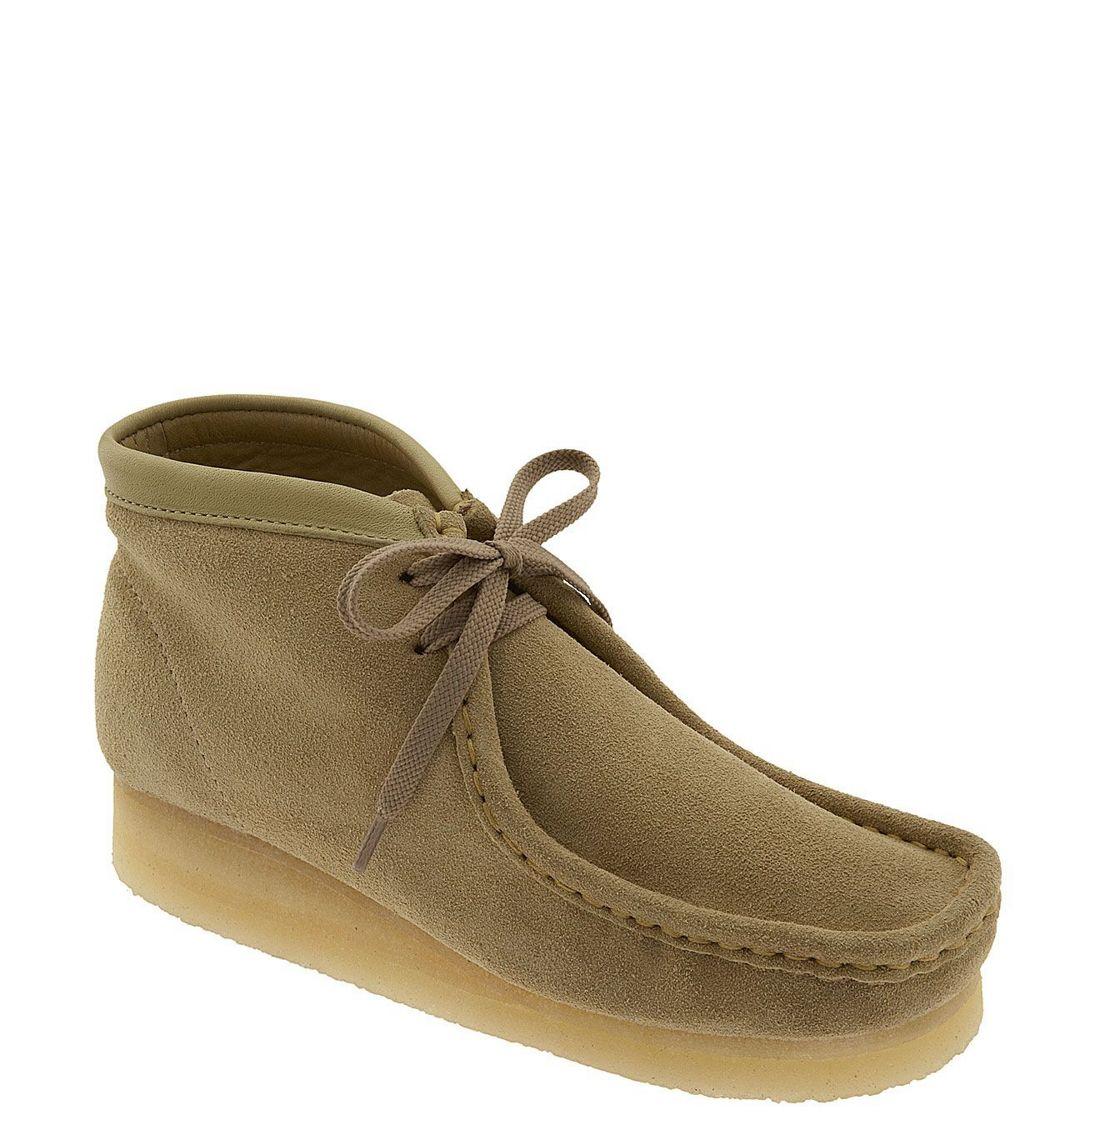 Amazing Clarks Womens Desert Chukka Boot